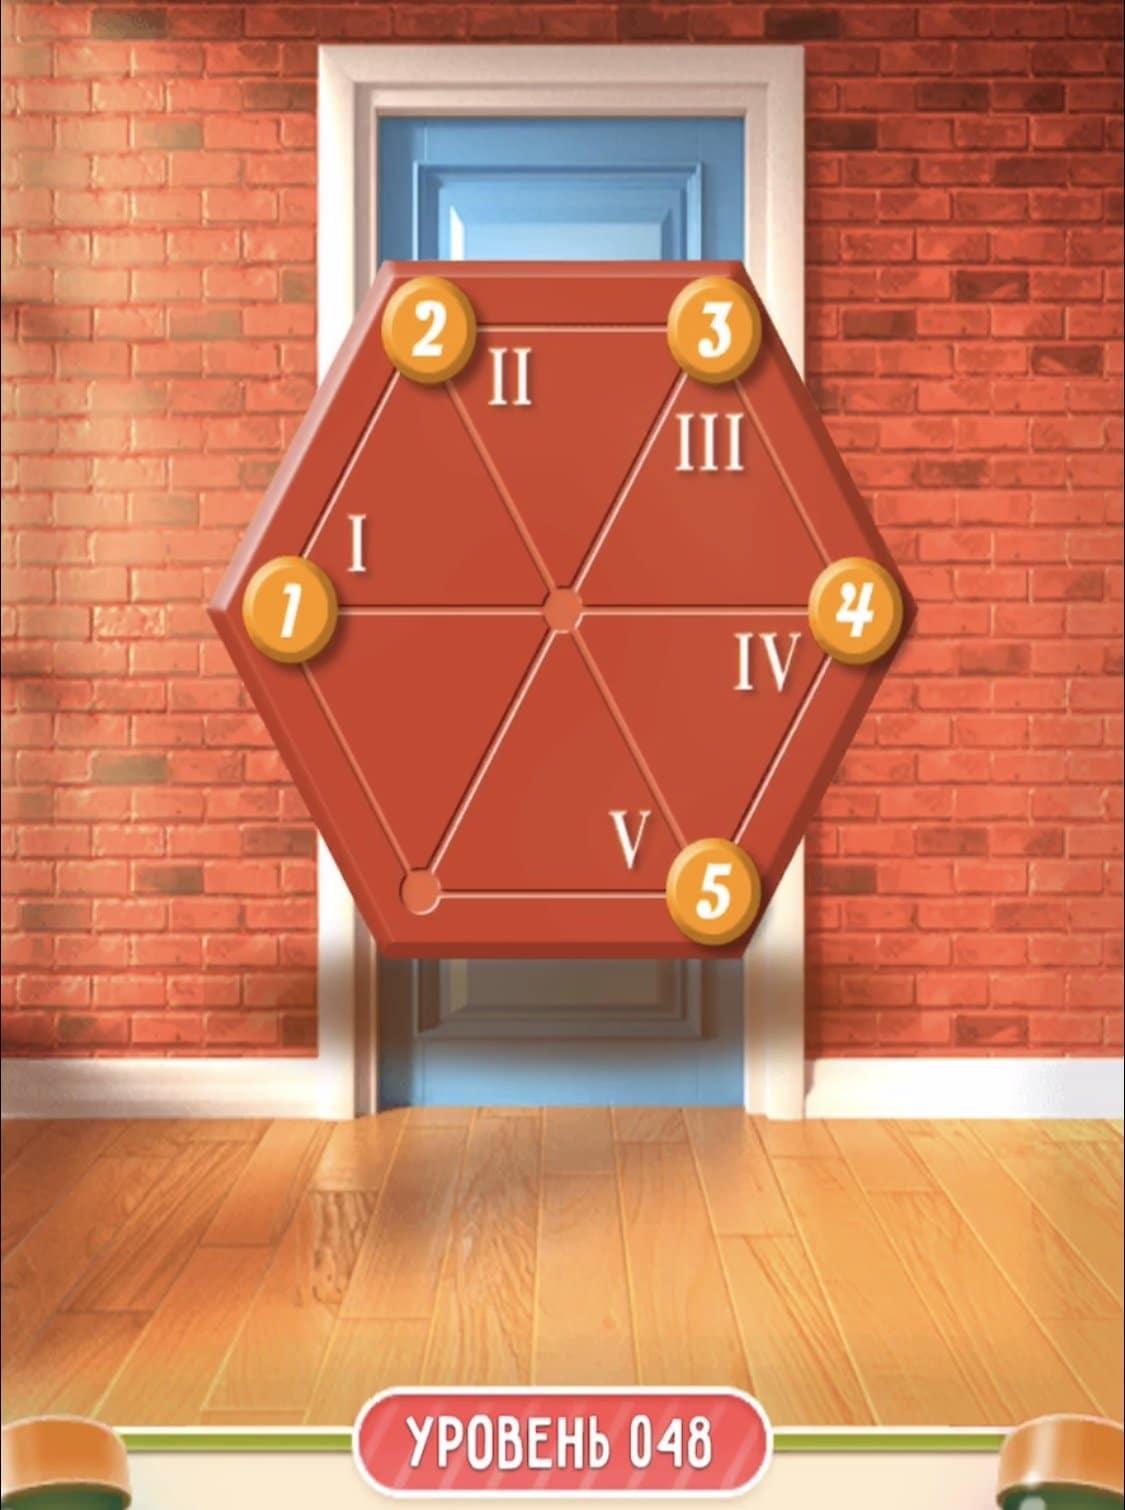 Перенесите число четыре к римской IV. Число пять перемещайте в центр, за тем к V. Тройку поставьте к III и арабскую двойку к римской цифре II. А один ставим к римской единице.  Уровень успешно пройден.